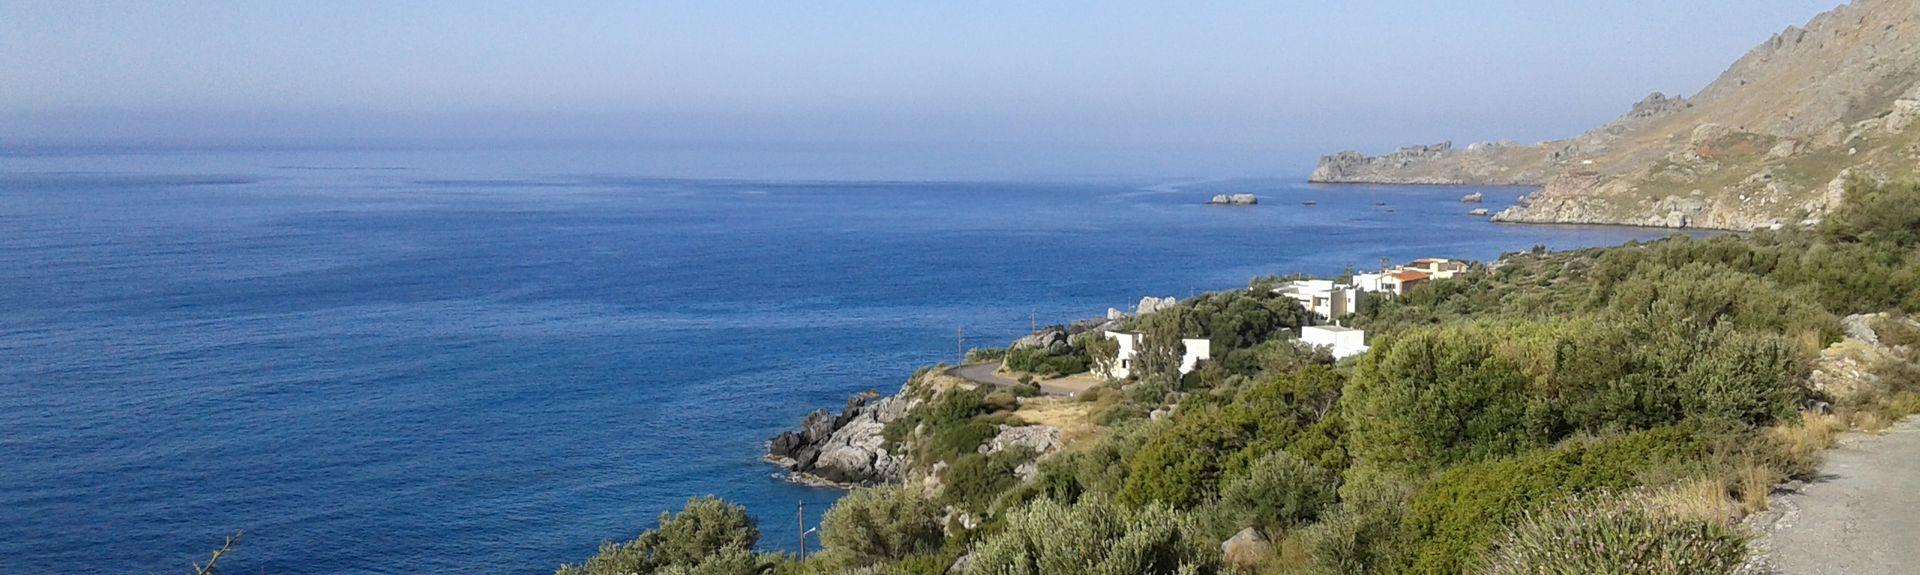 Kerames, Greece